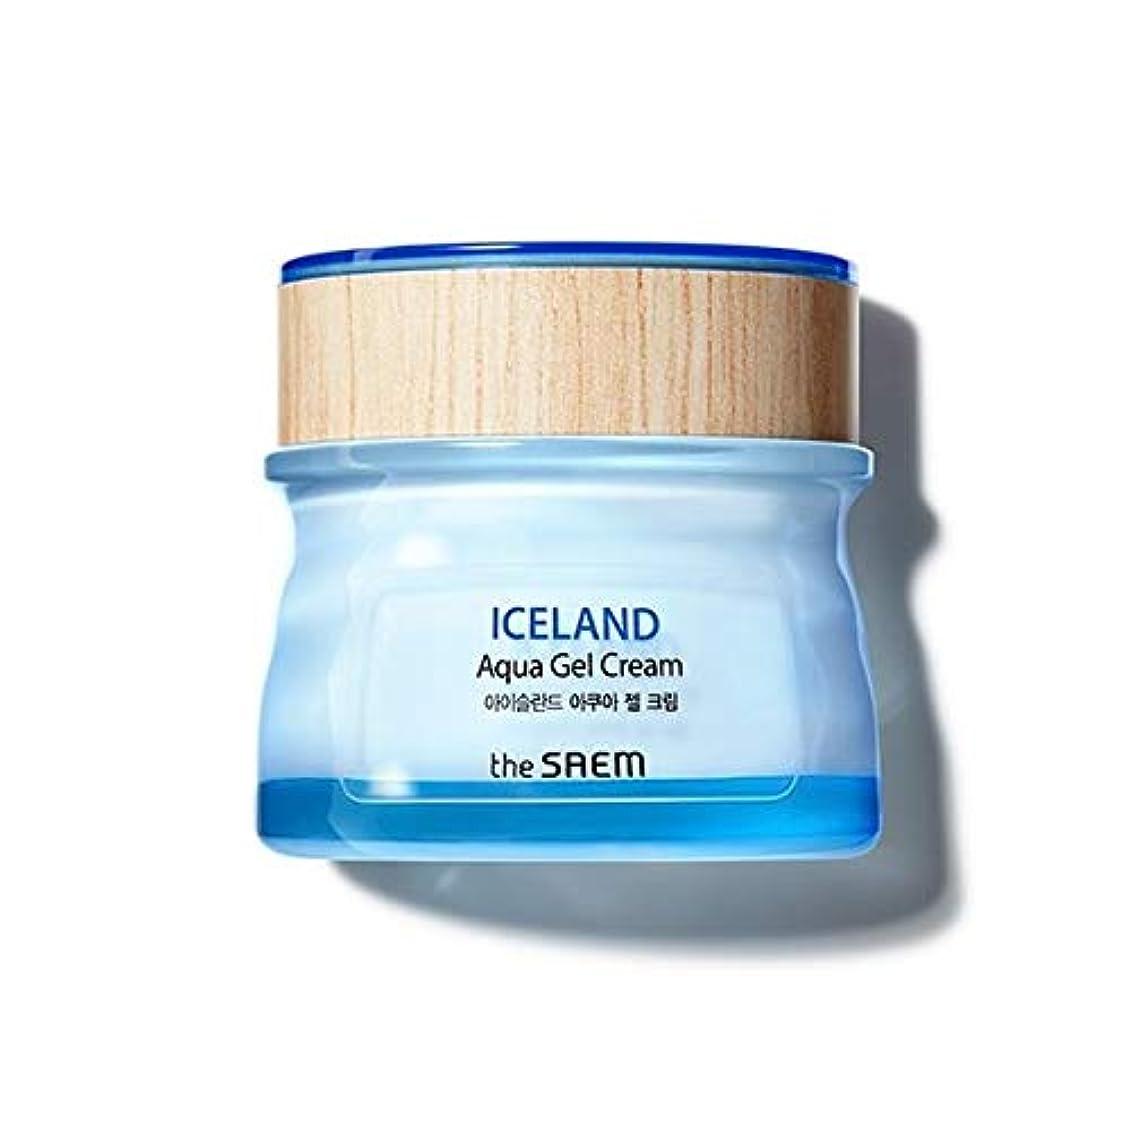 リビジョン配置に対応するThe saem Iceland Aqua Gel Cream ザセム アイスランド アクア ジェル クリーム 60ml [並行輸入品]